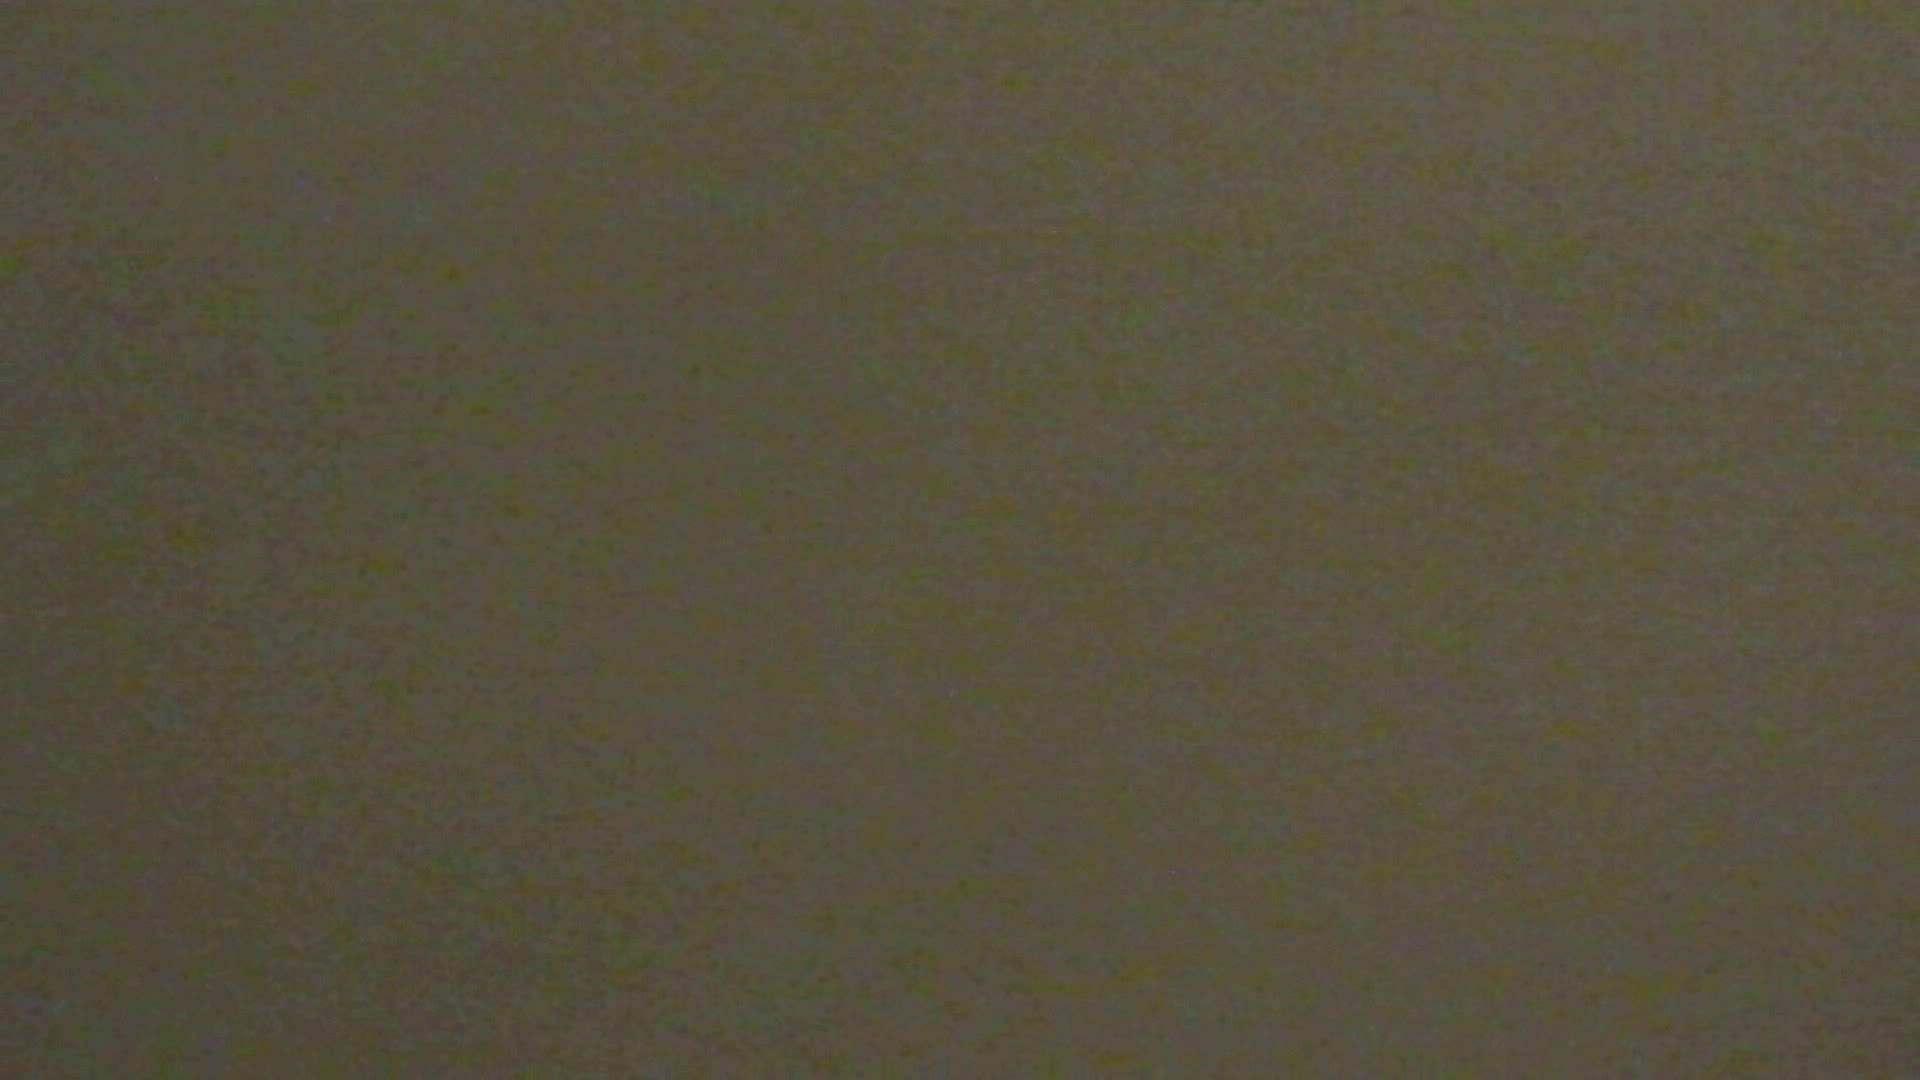 阿国ちゃんの「和式洋式七変化」No.14 盛合せ SEX無修正画像 57画像 3